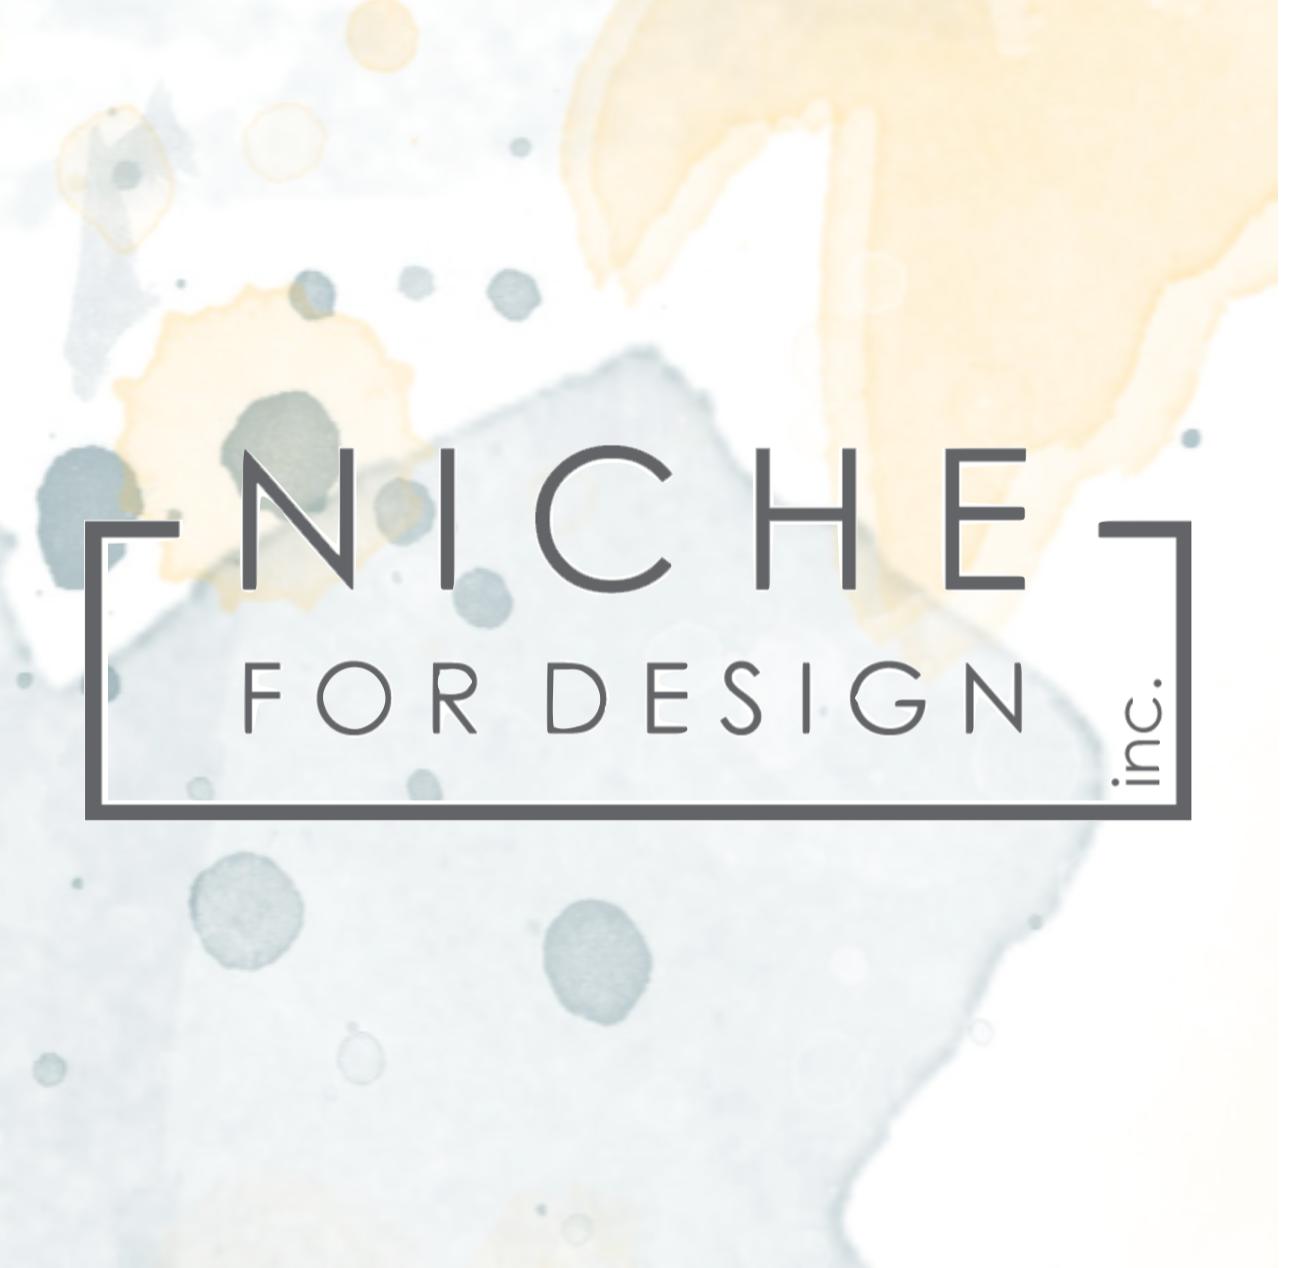 NICHE for design inc.